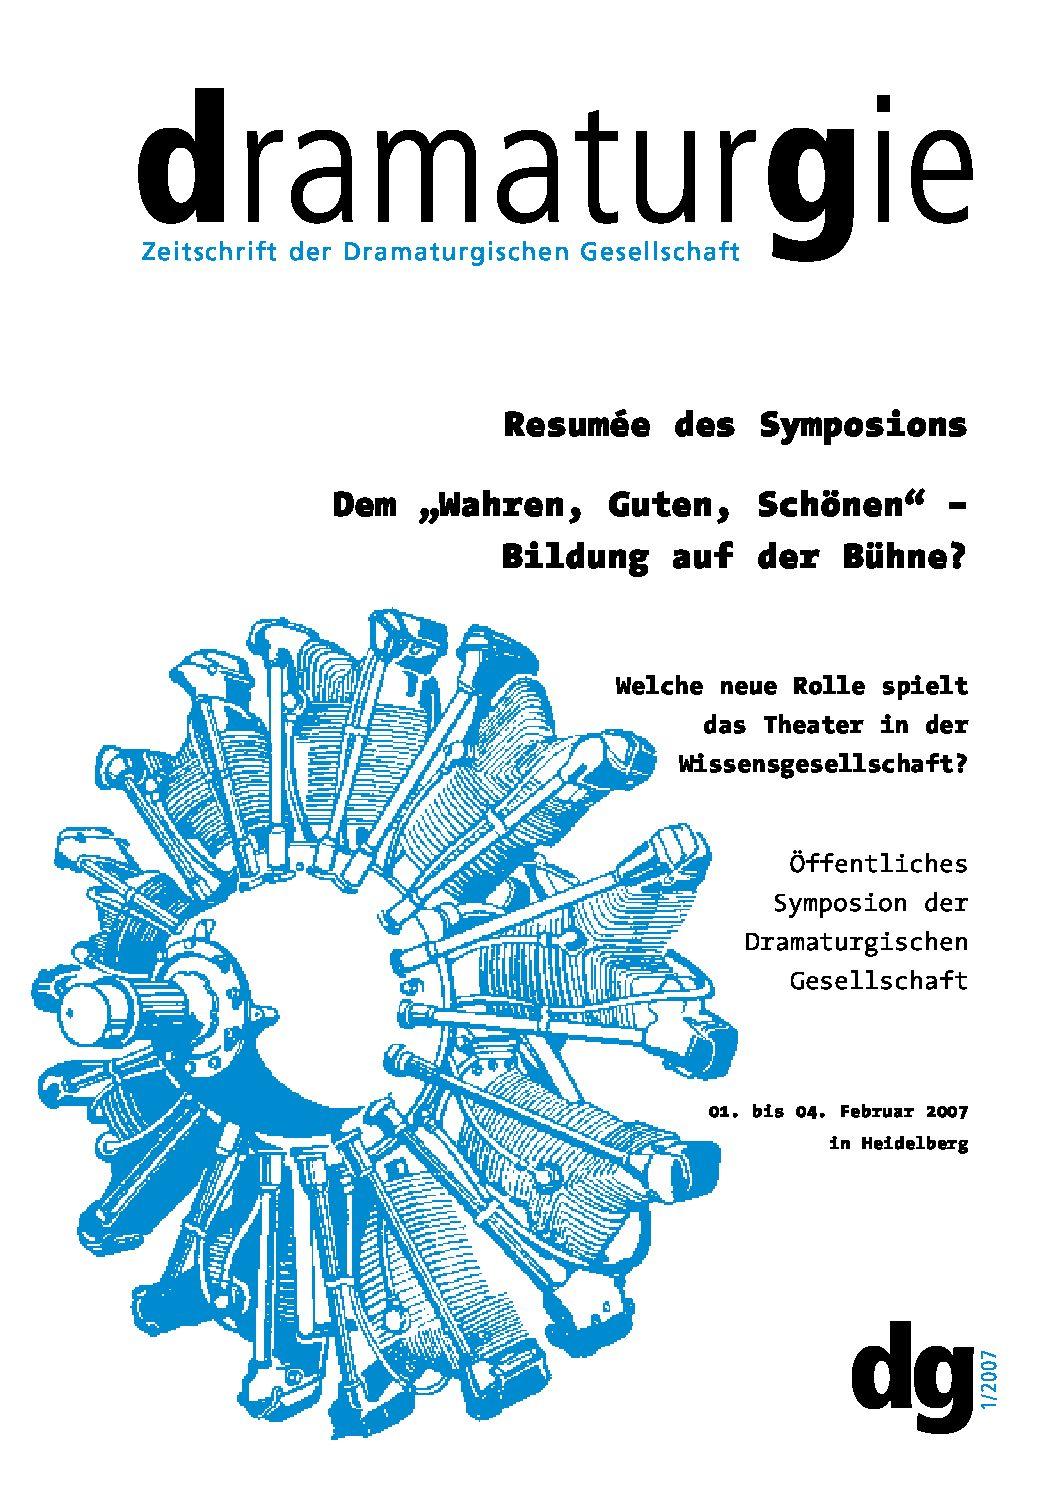 """Thumbnail zum PDF: Dramaturgie 2007/1<br /> Dem """"Wahren, Guten, Schönen"""" – Bildung auf der Bühne?<br />"""